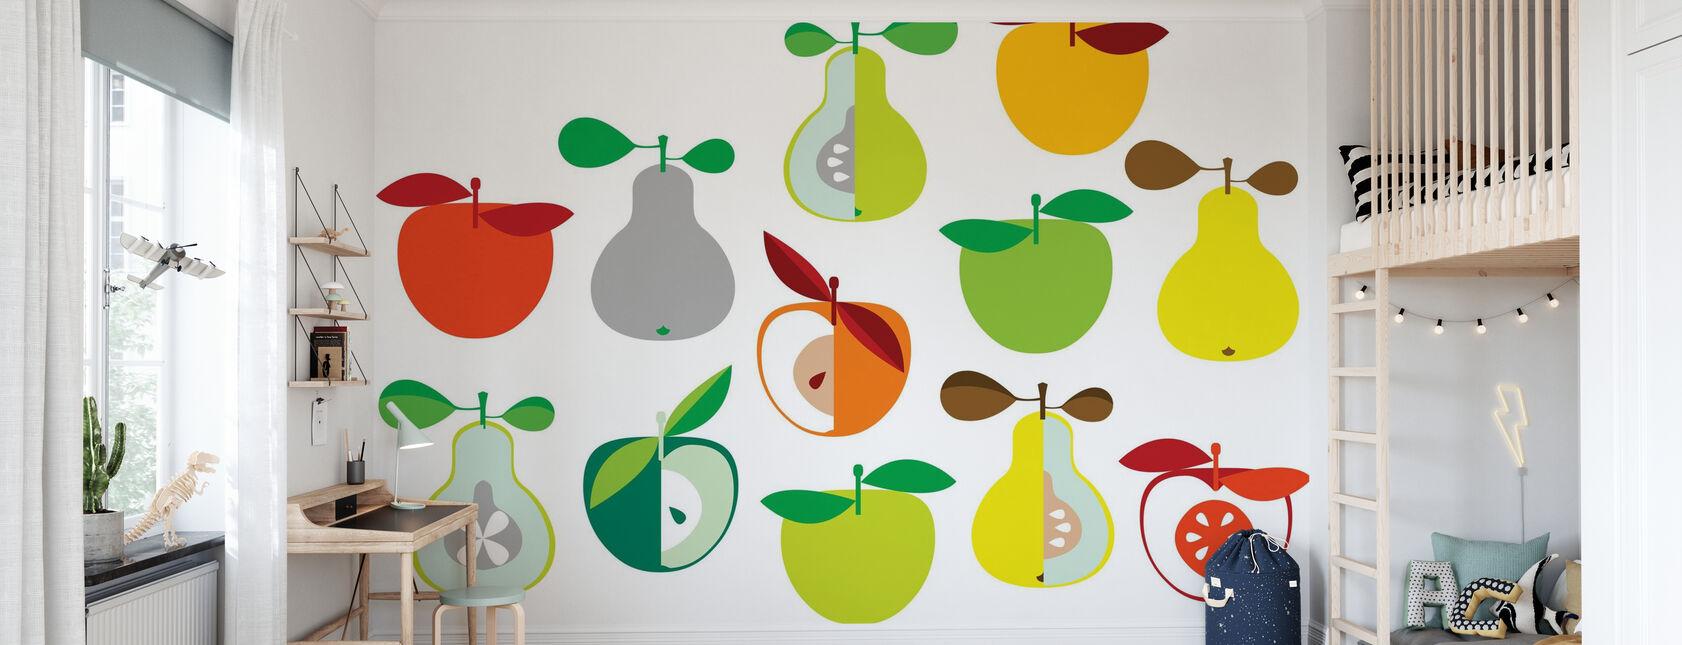 Kivik Apple and Pear - White - Wallpaper - Kids Room